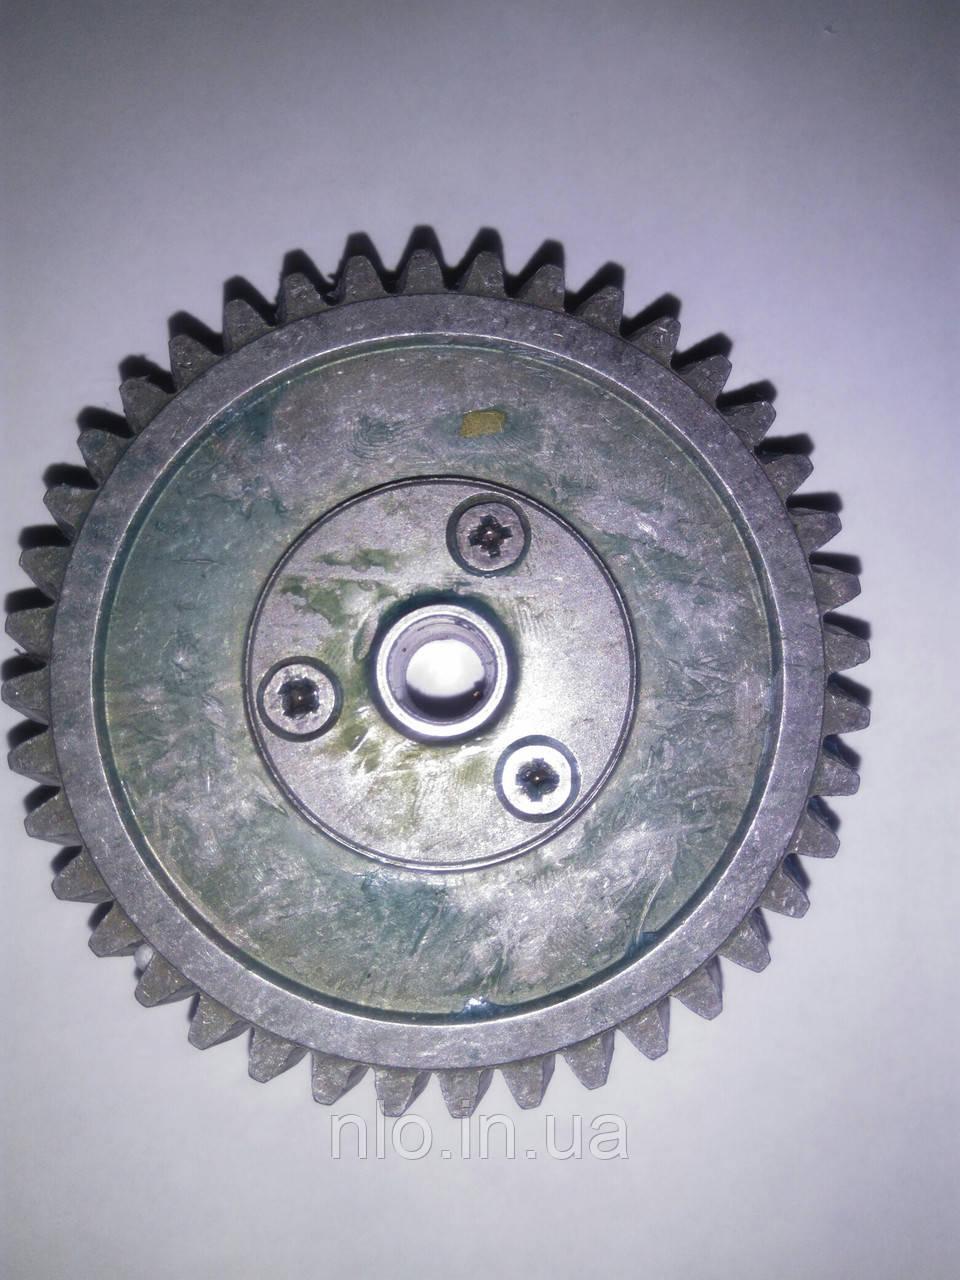 Шестерня электропилы цепной Зенит ЦПЛ 406 2300